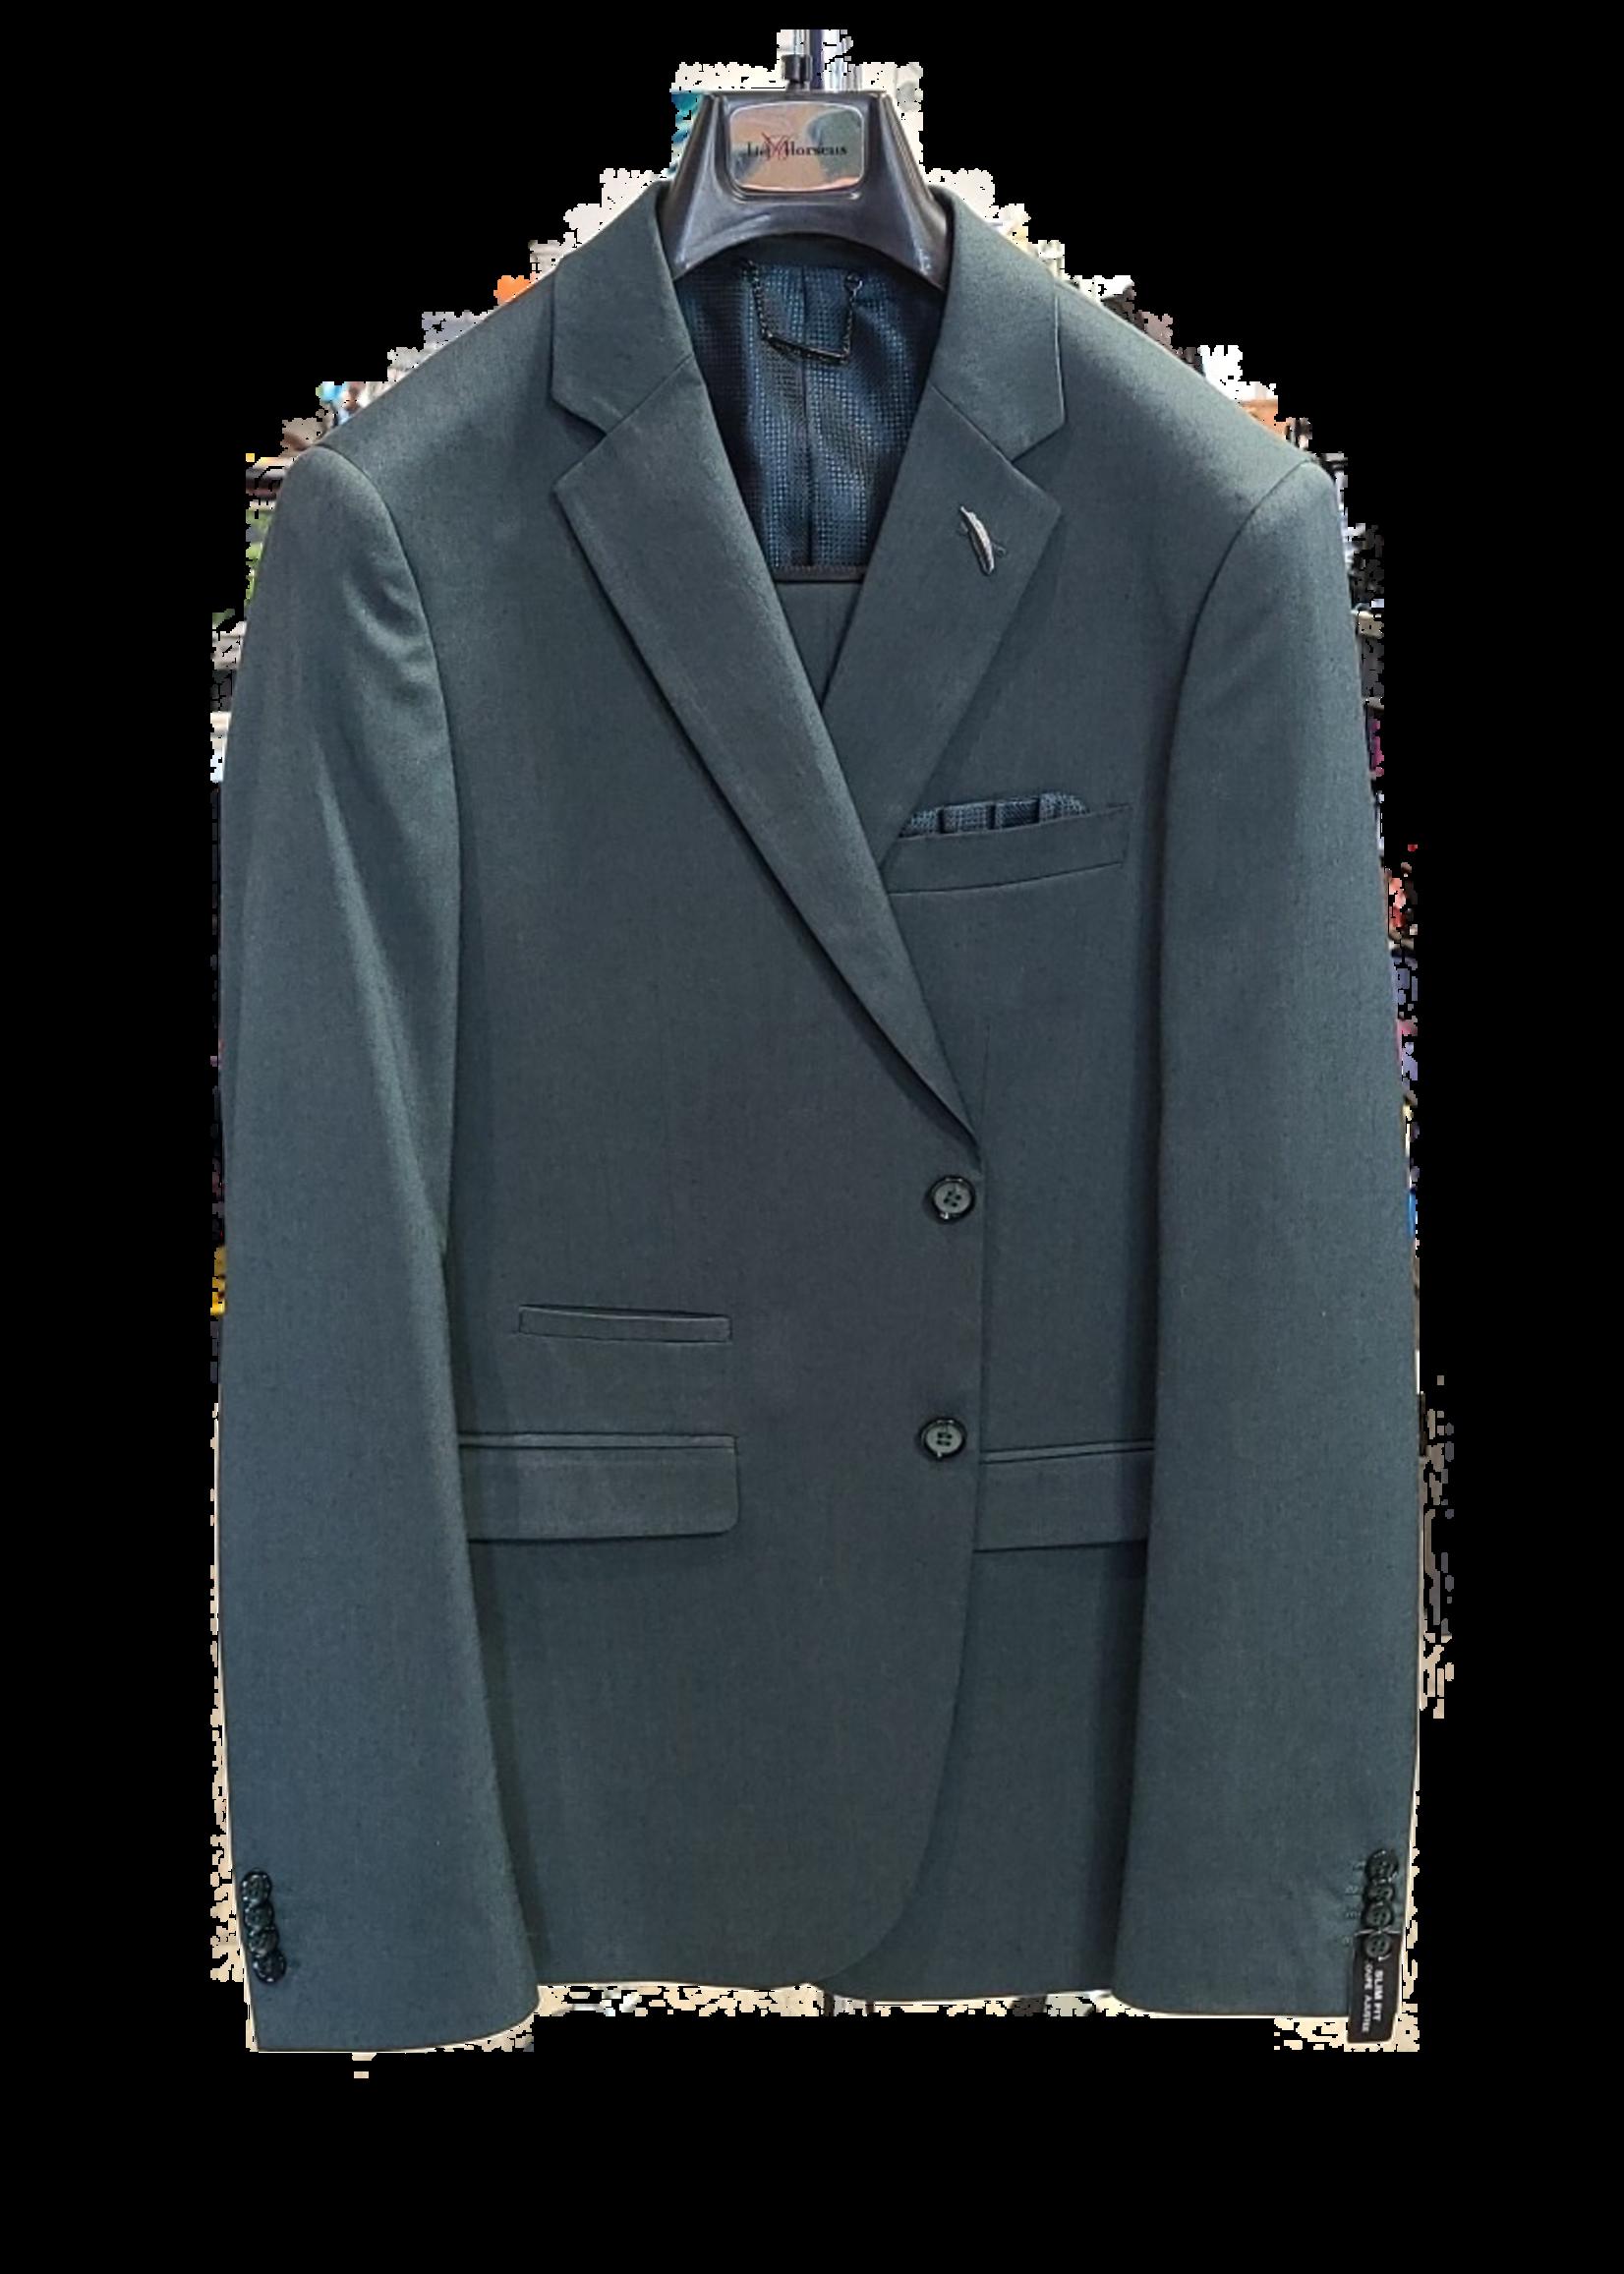 Lief Horsens Lief Horsens Rogue 1213 2 Piece Suit